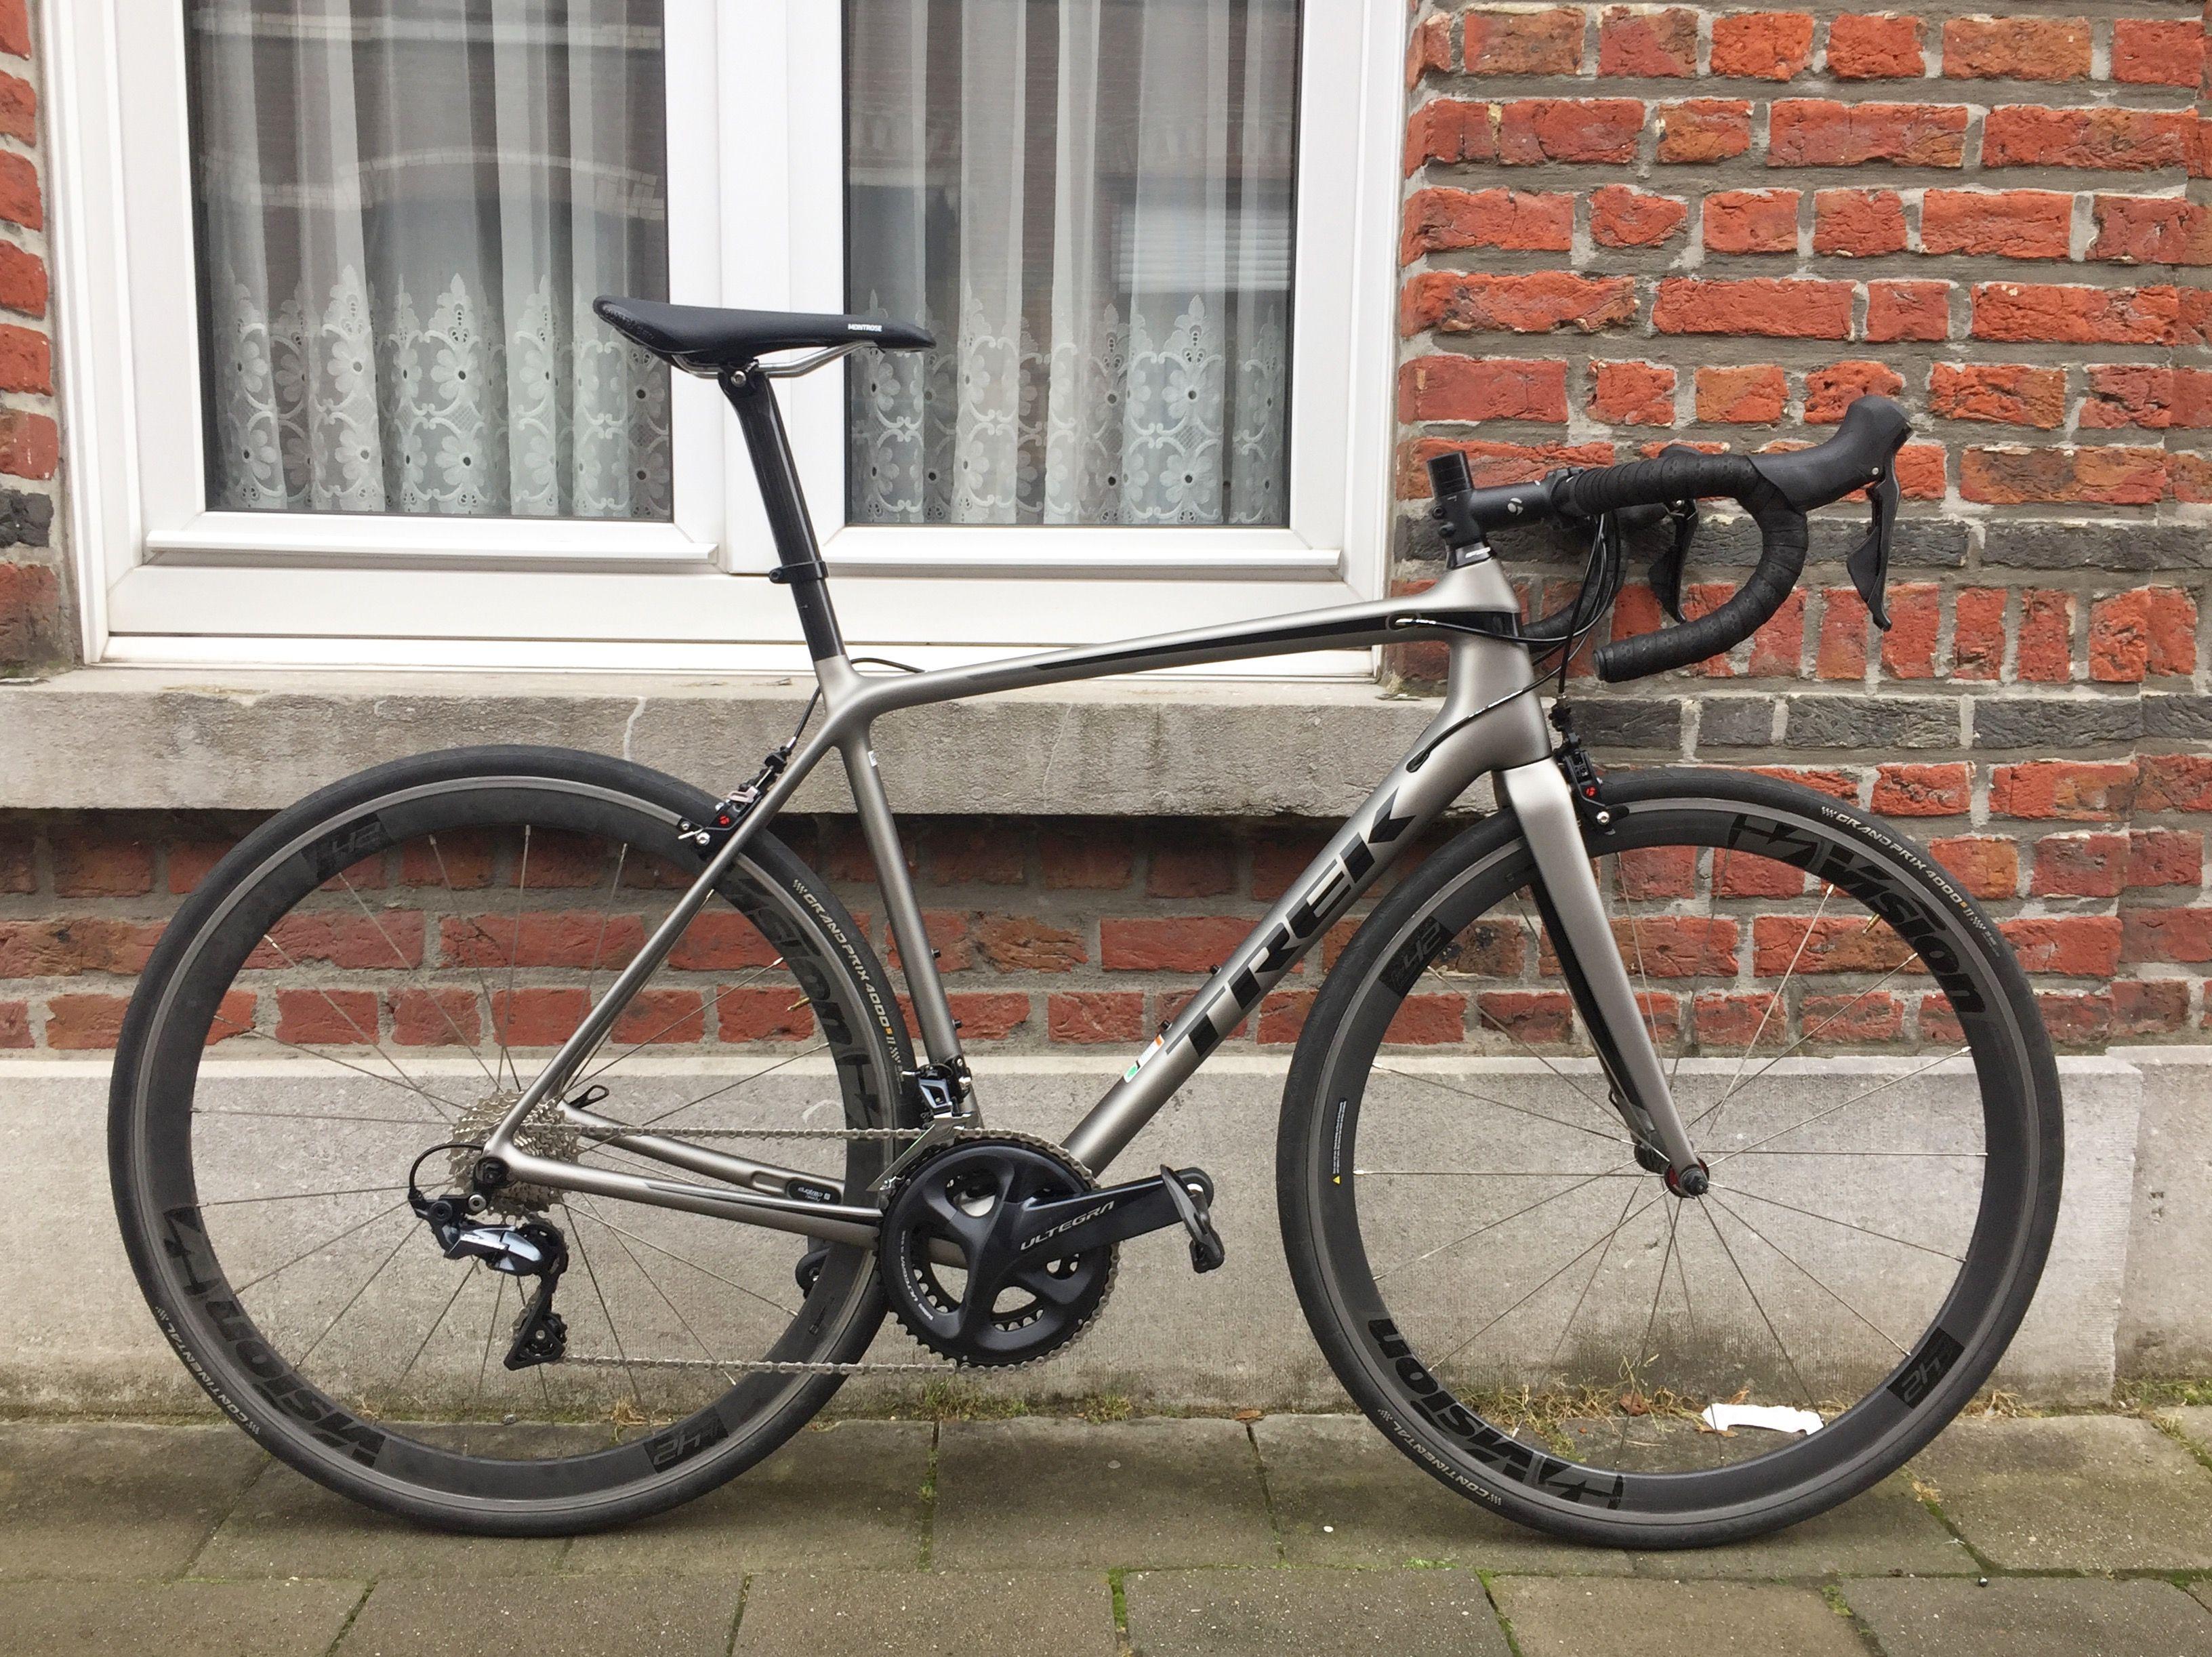 Trek emonda SL6 2018   Bike   Bicycle, Bike, Trek